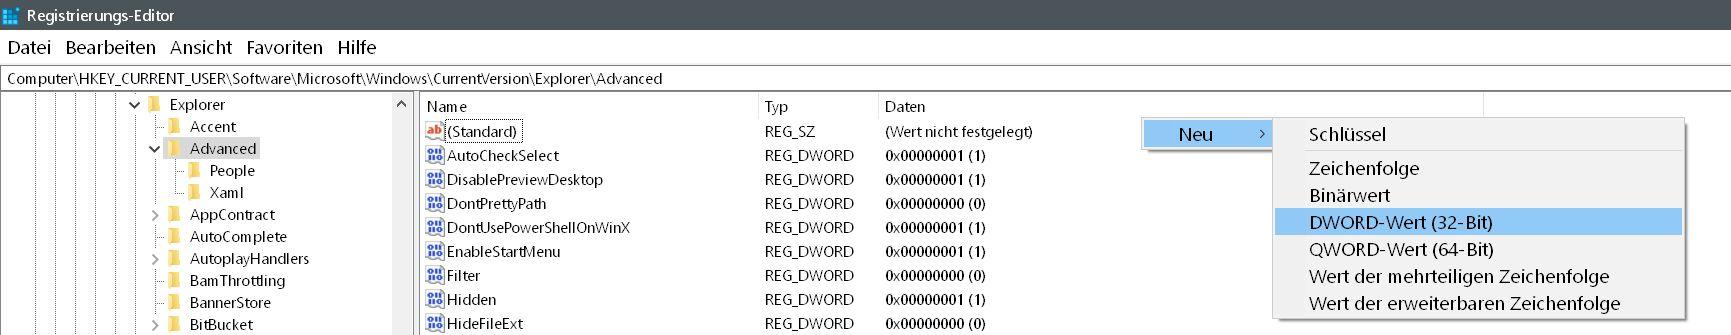 Windows 10 Uhrzeit in der Taskleiste mit Sekundenanzeige 5